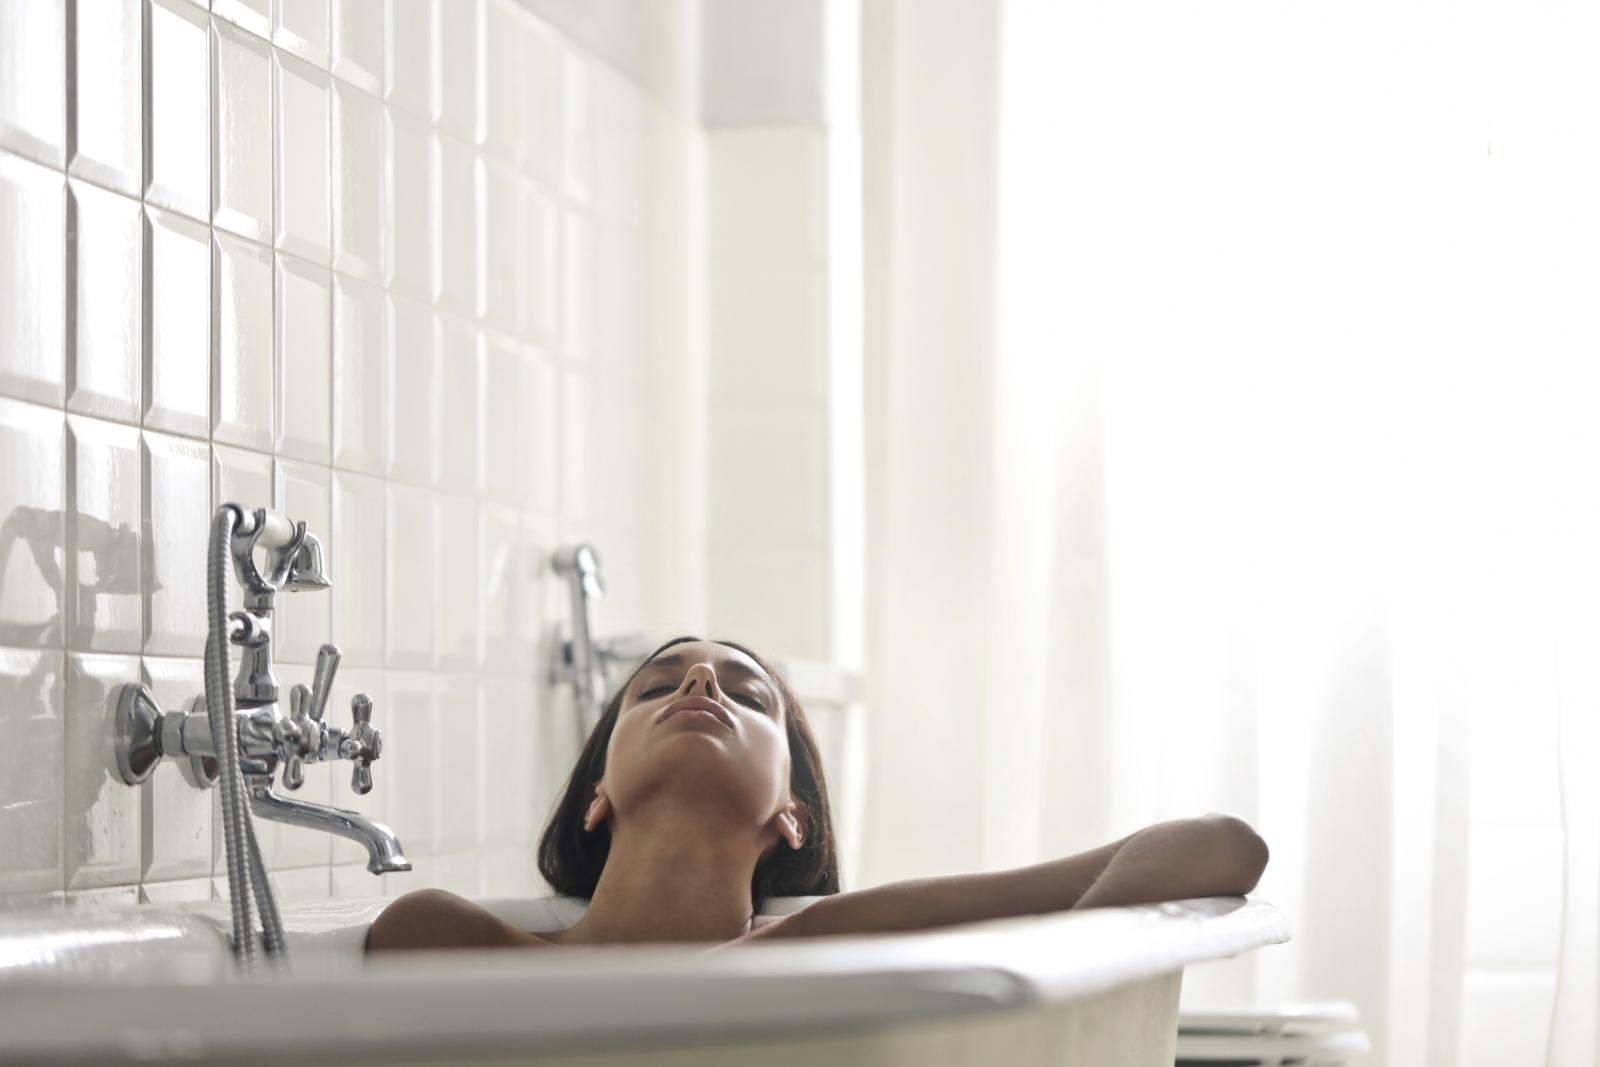 Kupanje u kadi jedna je od onih stvari koju za vrijeme mokraćnih infekcija trebate izbjegavati.